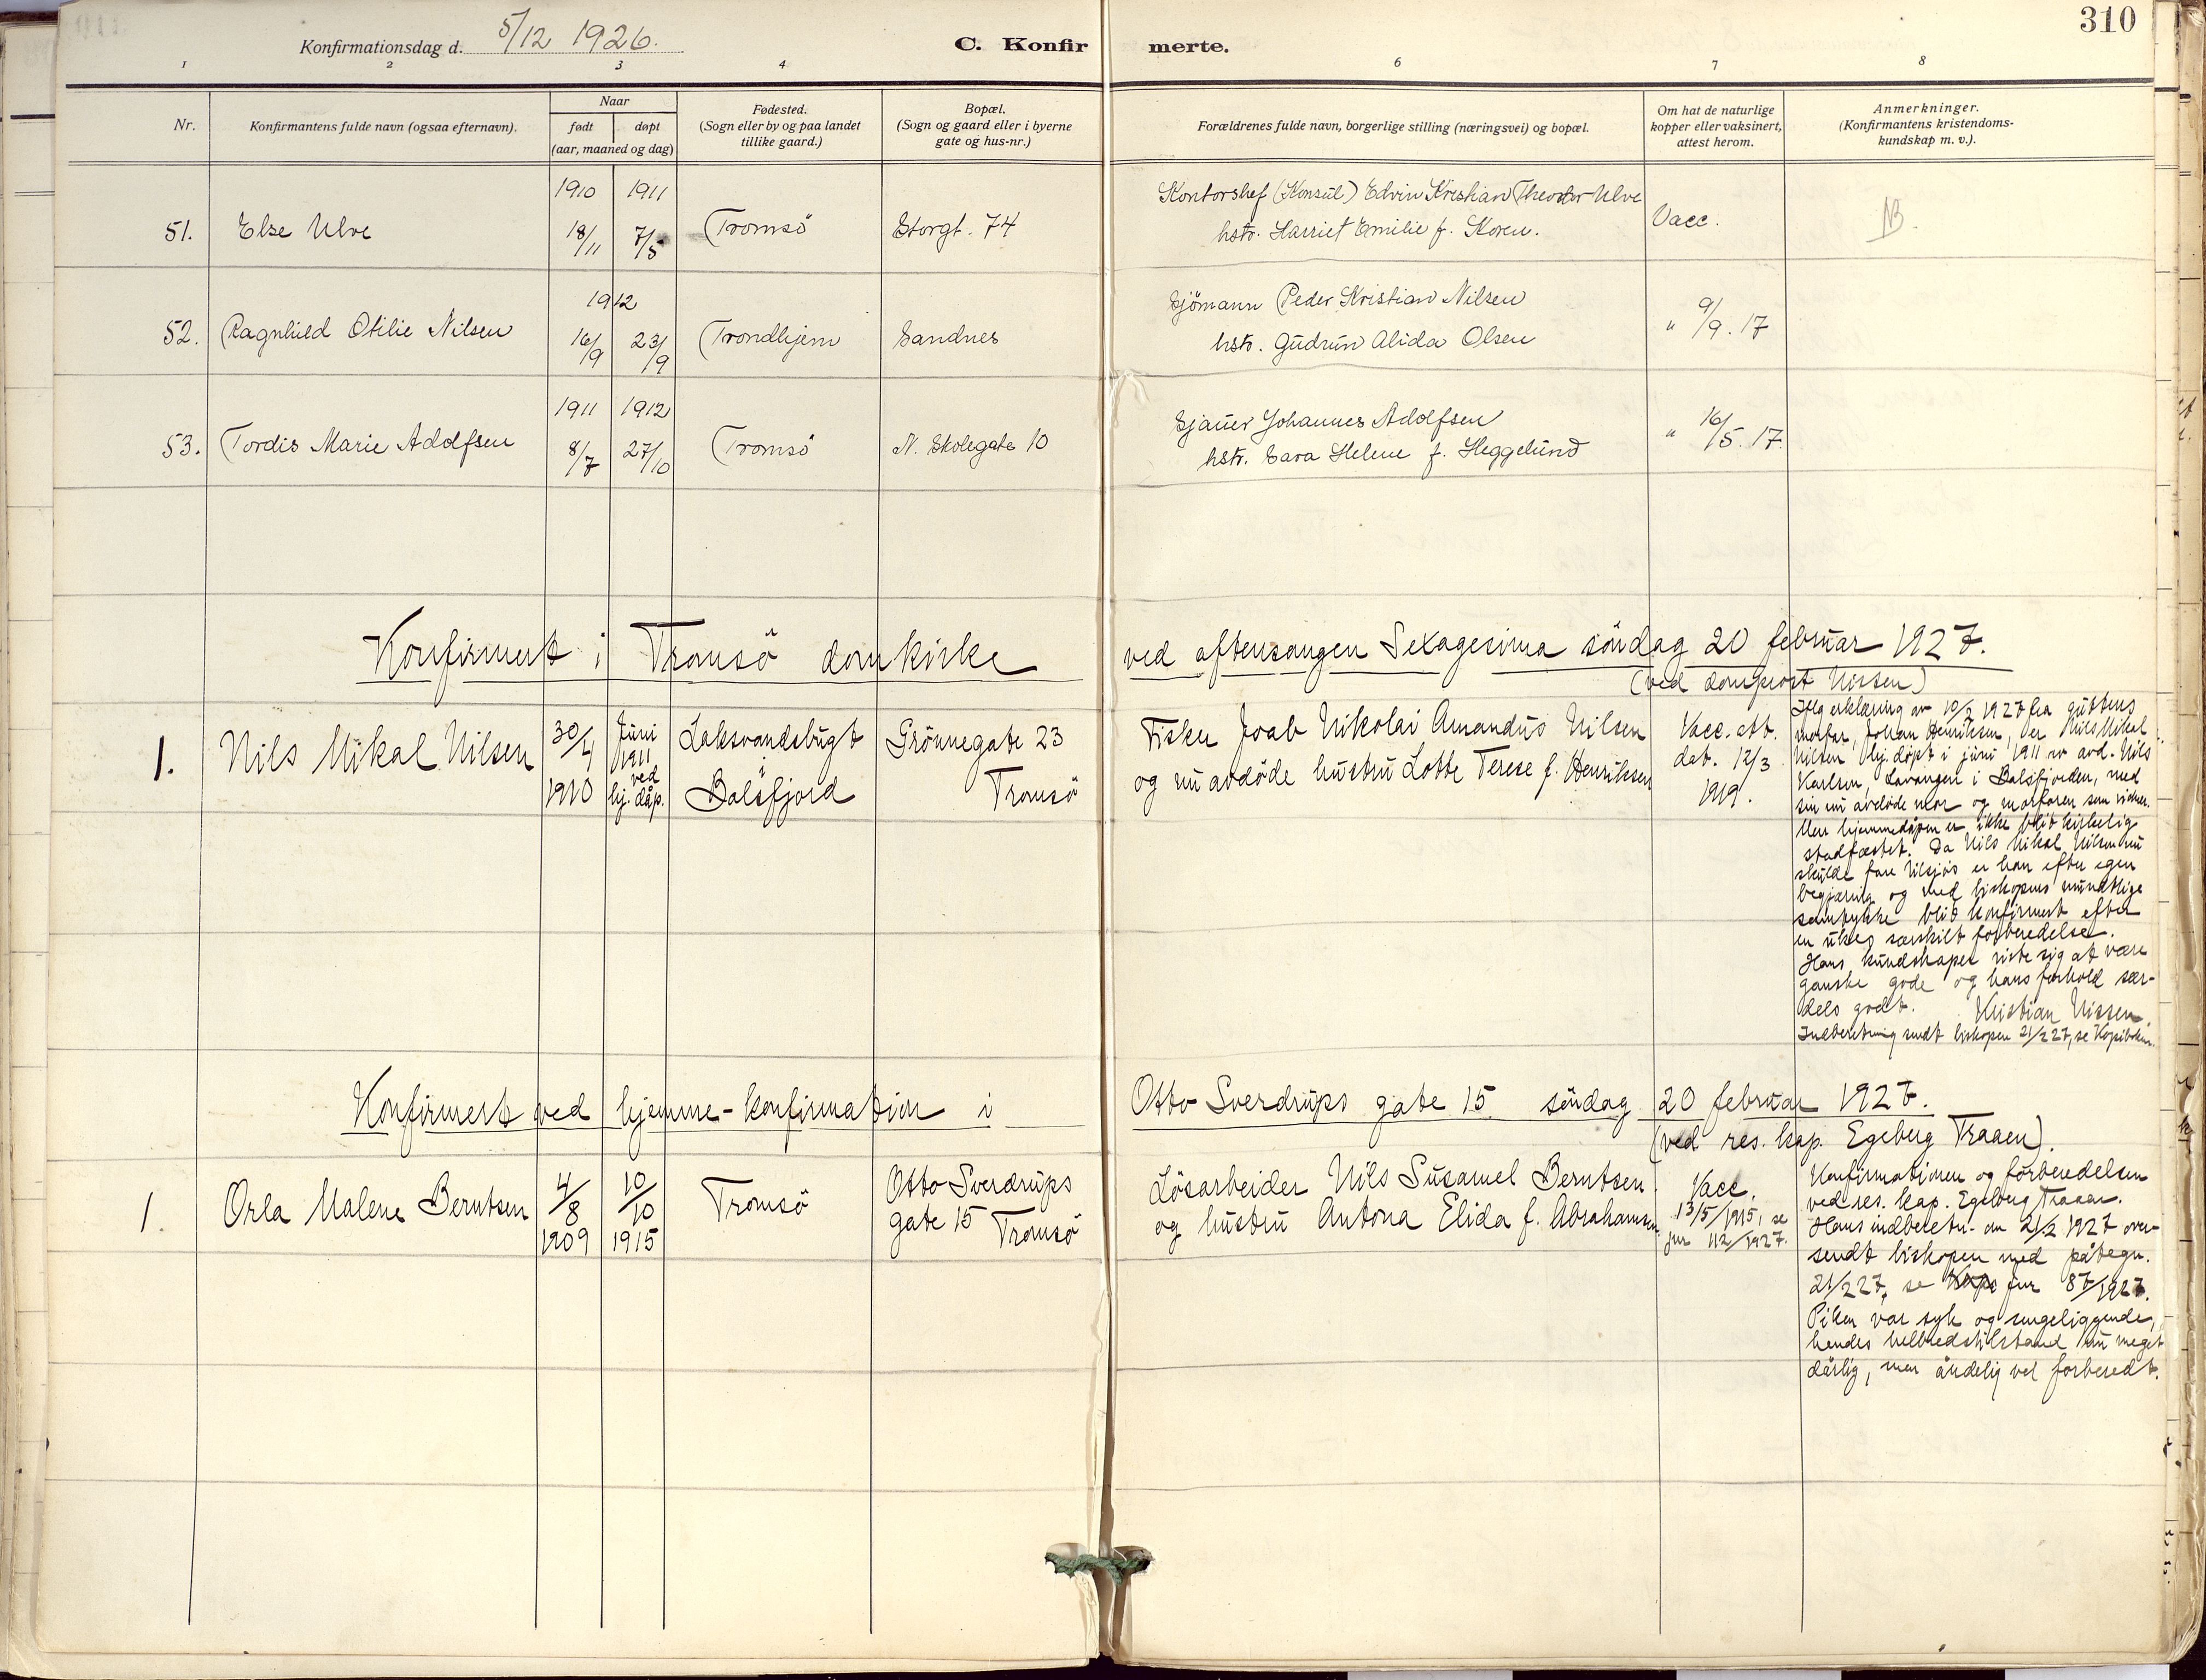 SATØ, Tromsø sokneprestkontor/stiftsprosti/domprosti, G/Ga/L0019kirke: Ministerialbok nr. 19, 1917-1927, s. 310